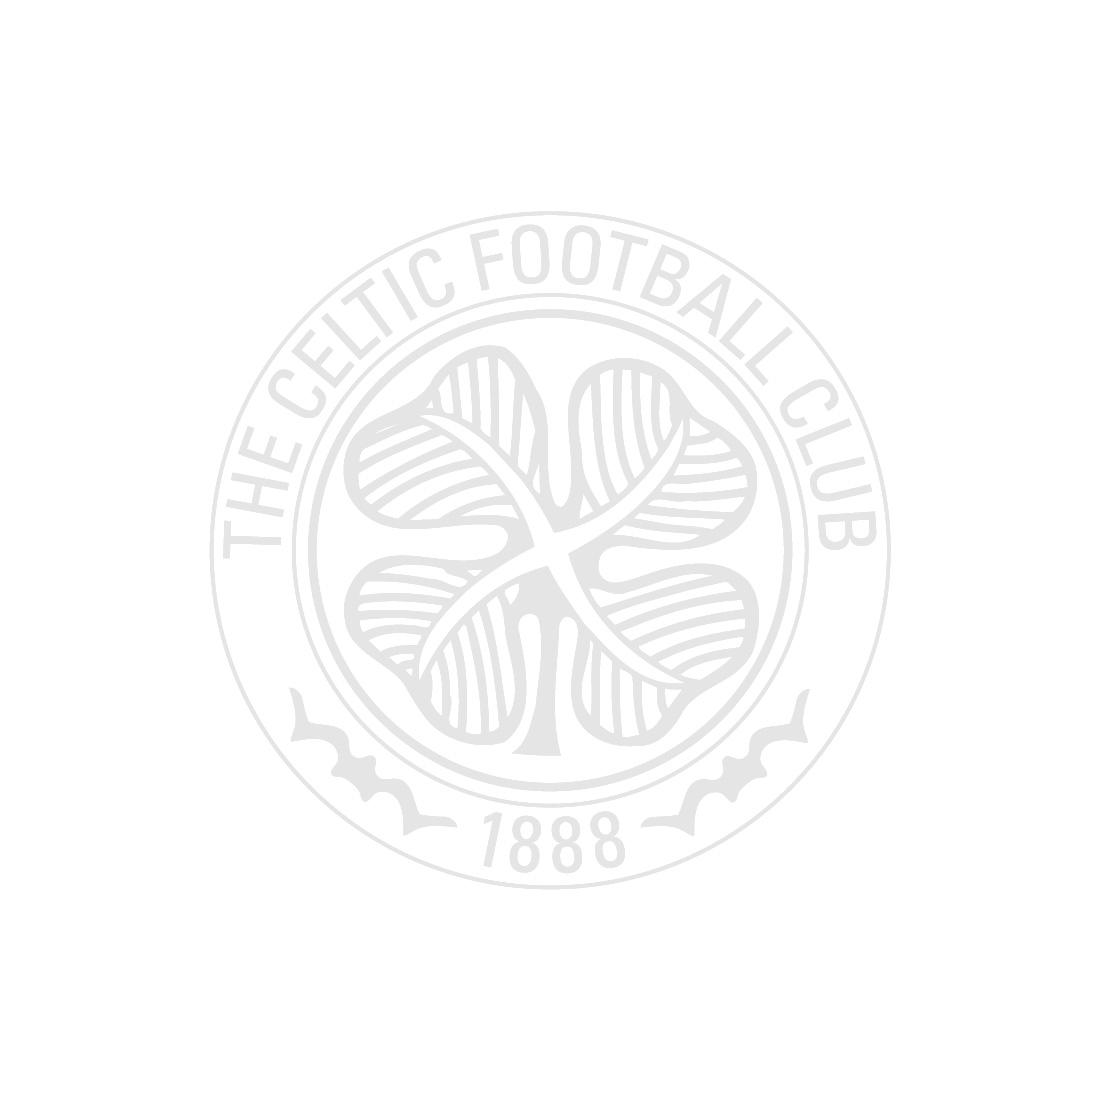 Celtic Tierney Megaphone Print